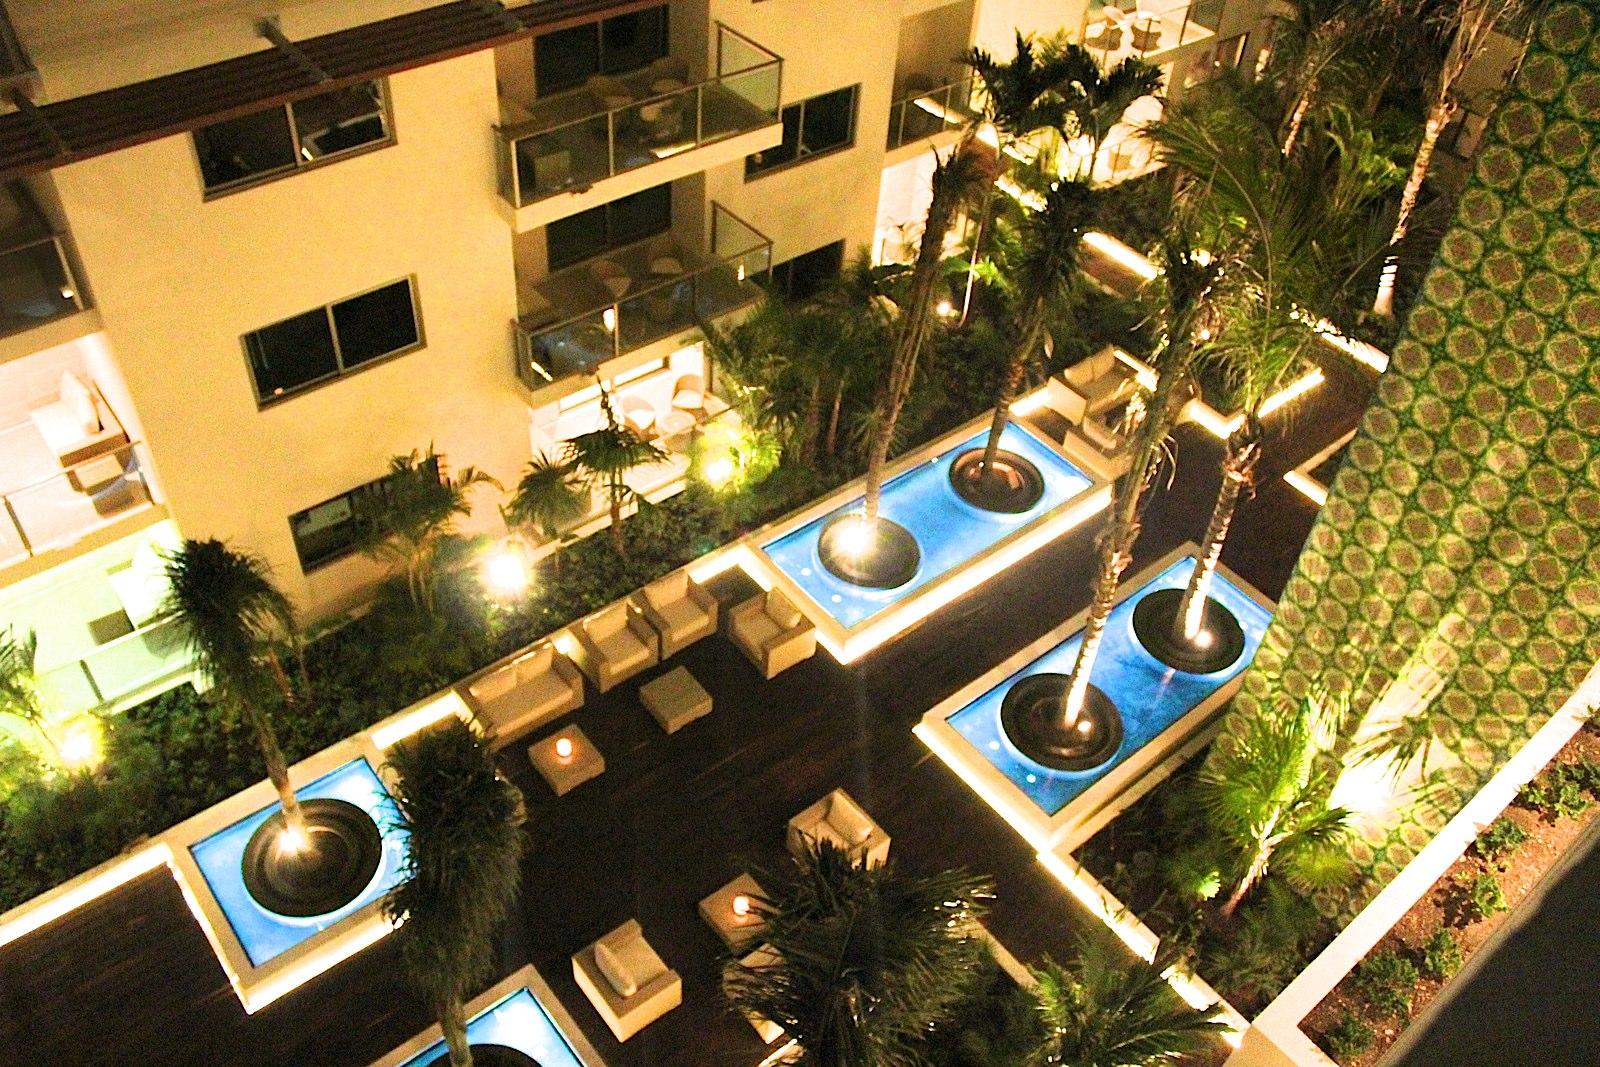 courtyard_IMG_9730_1_c54763